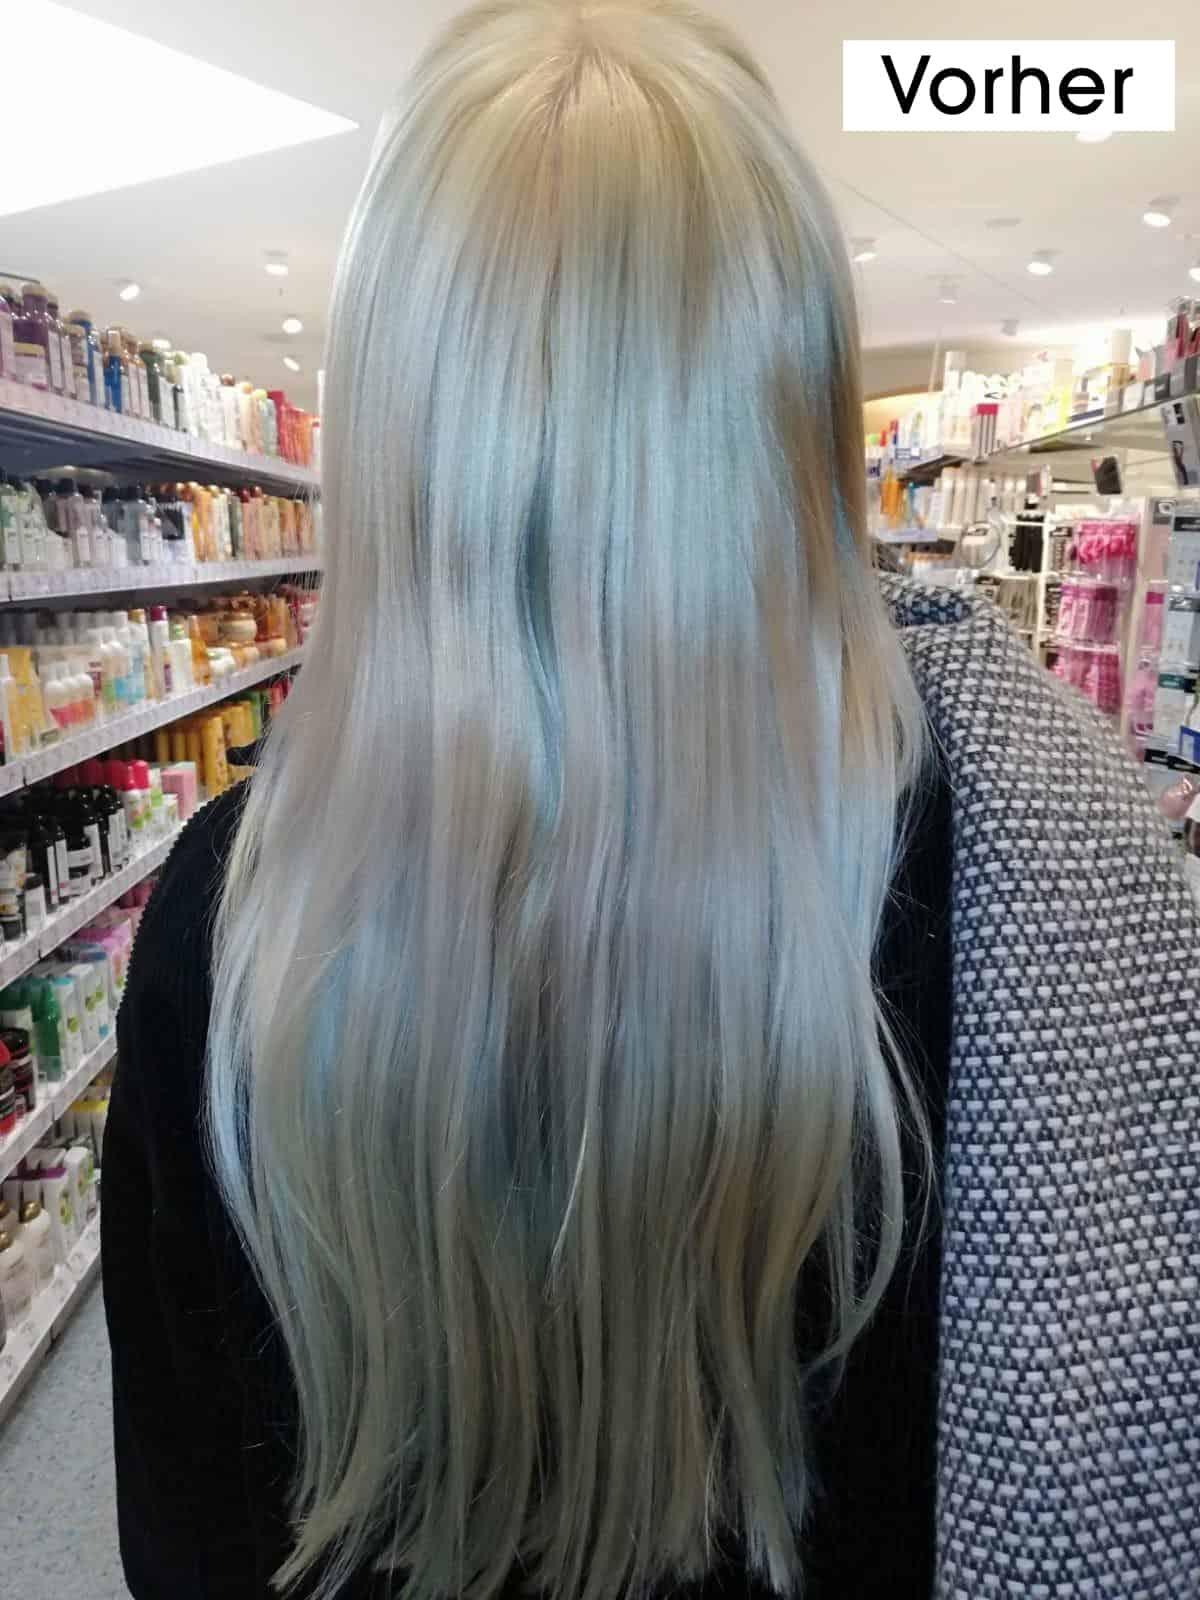 Grünstich im Haar